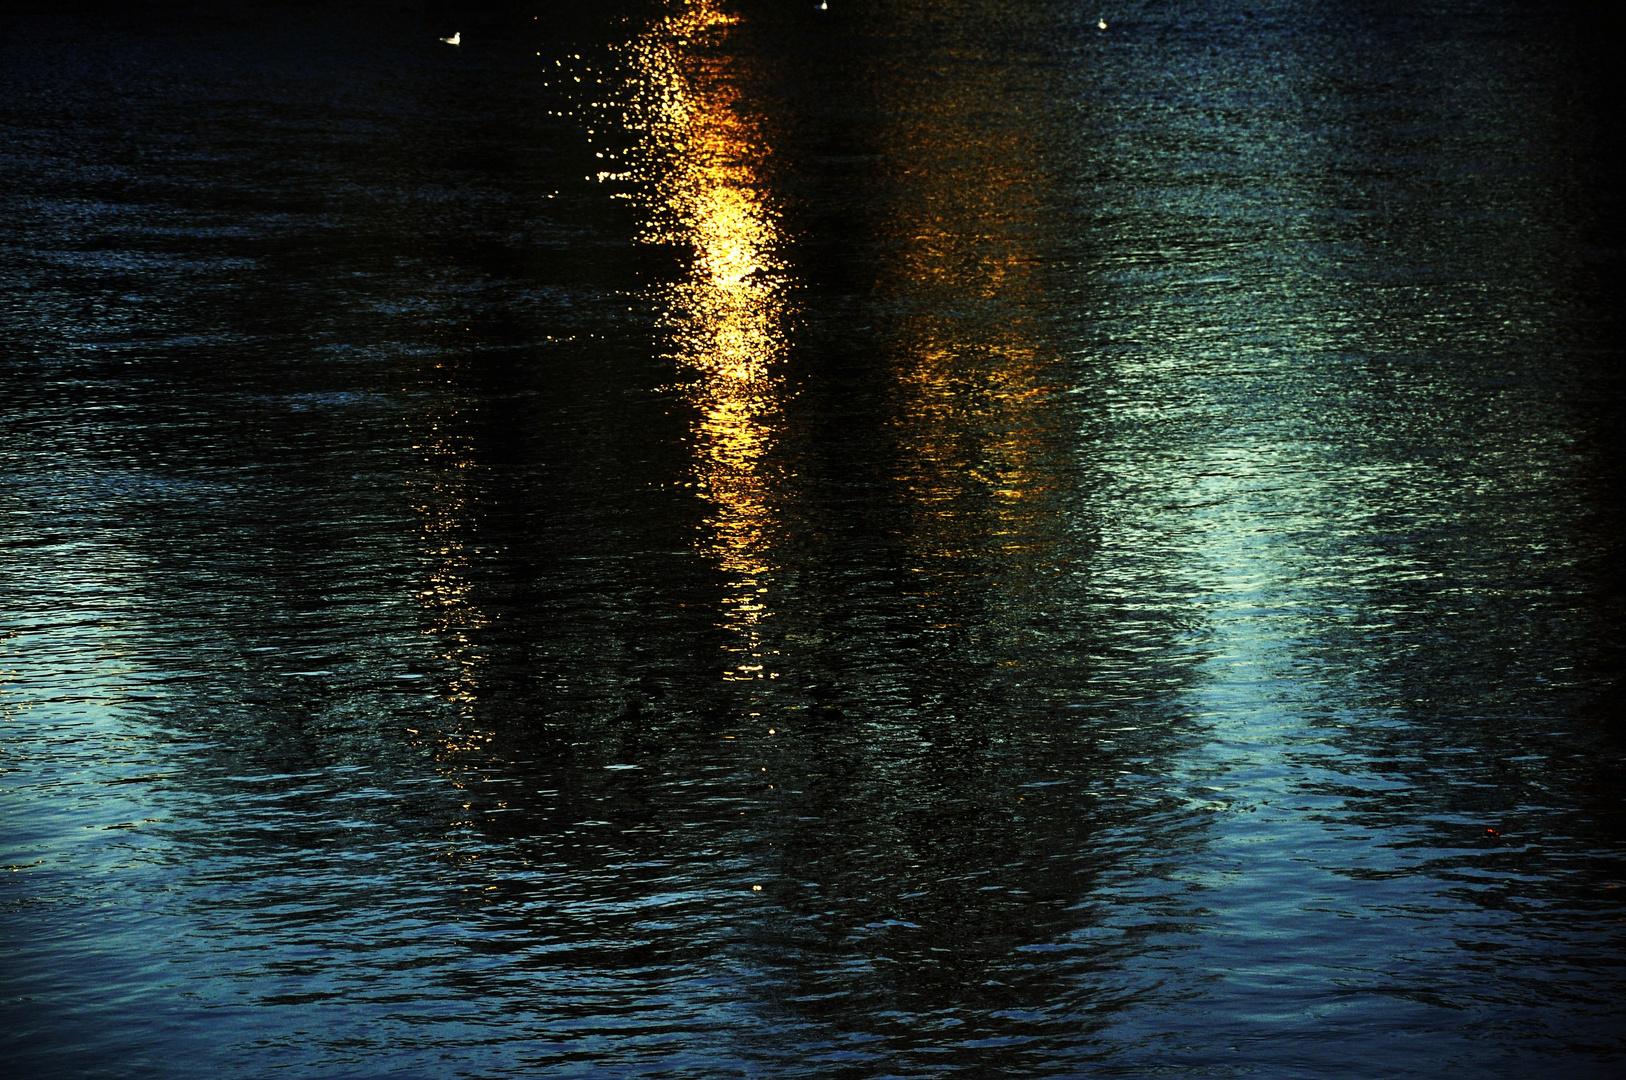 ...Lichteinfall auf dem Fluss...